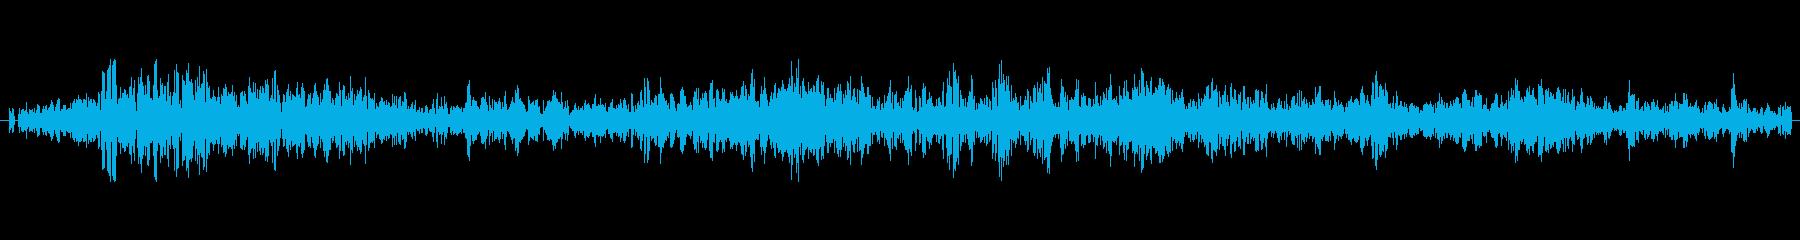 風/強風/嵐/竜巻の演出に最適!ループ可の再生済みの波形